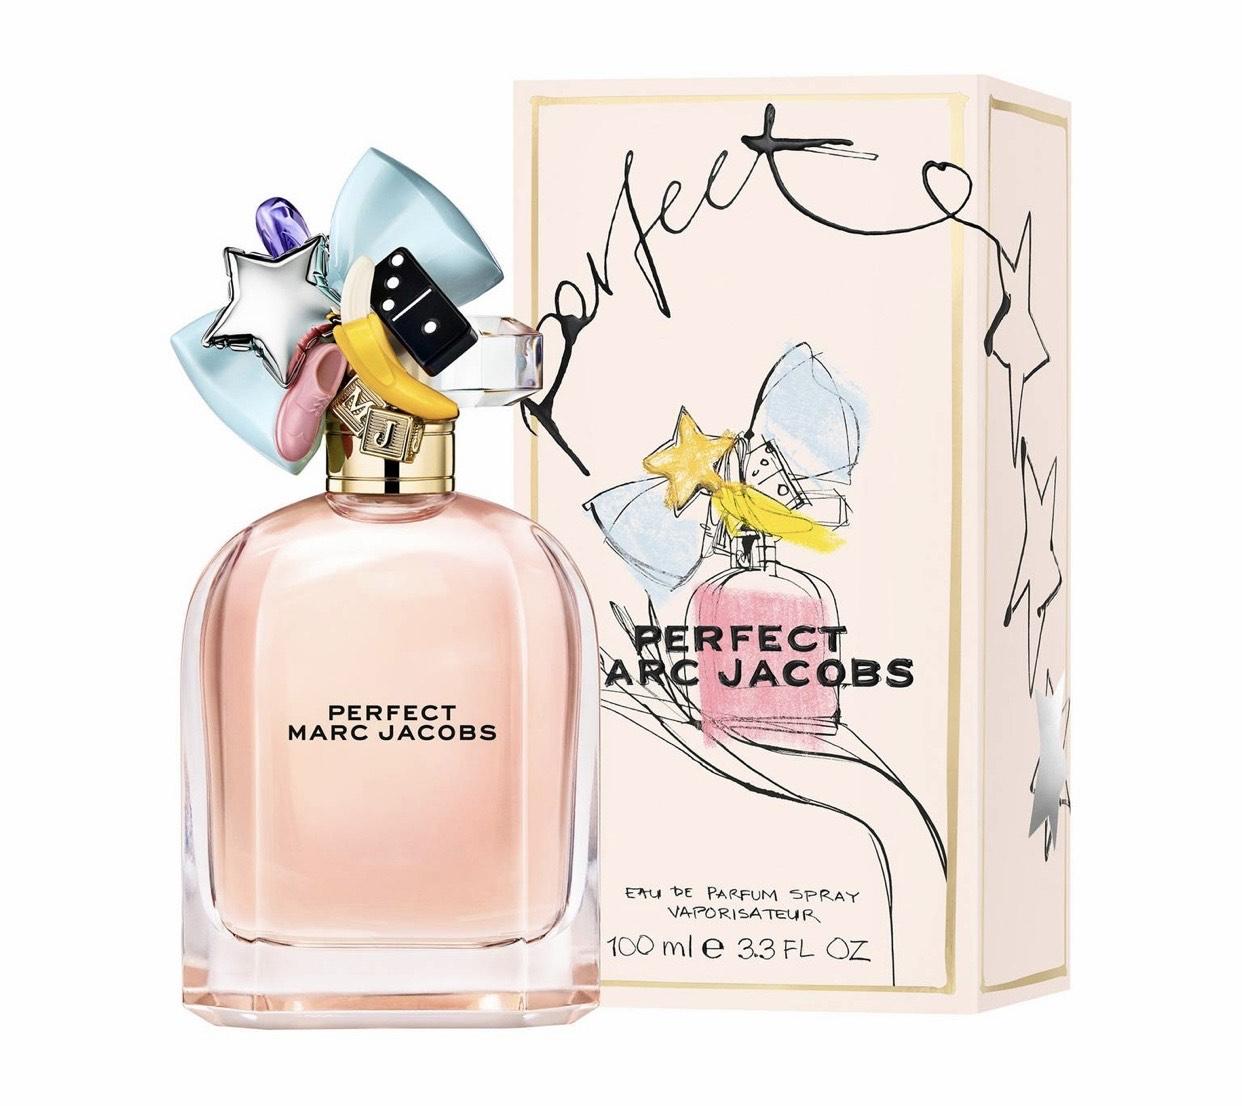 Marc Jacobs - 'Perfect' Eau de Parfum 50ml delivered